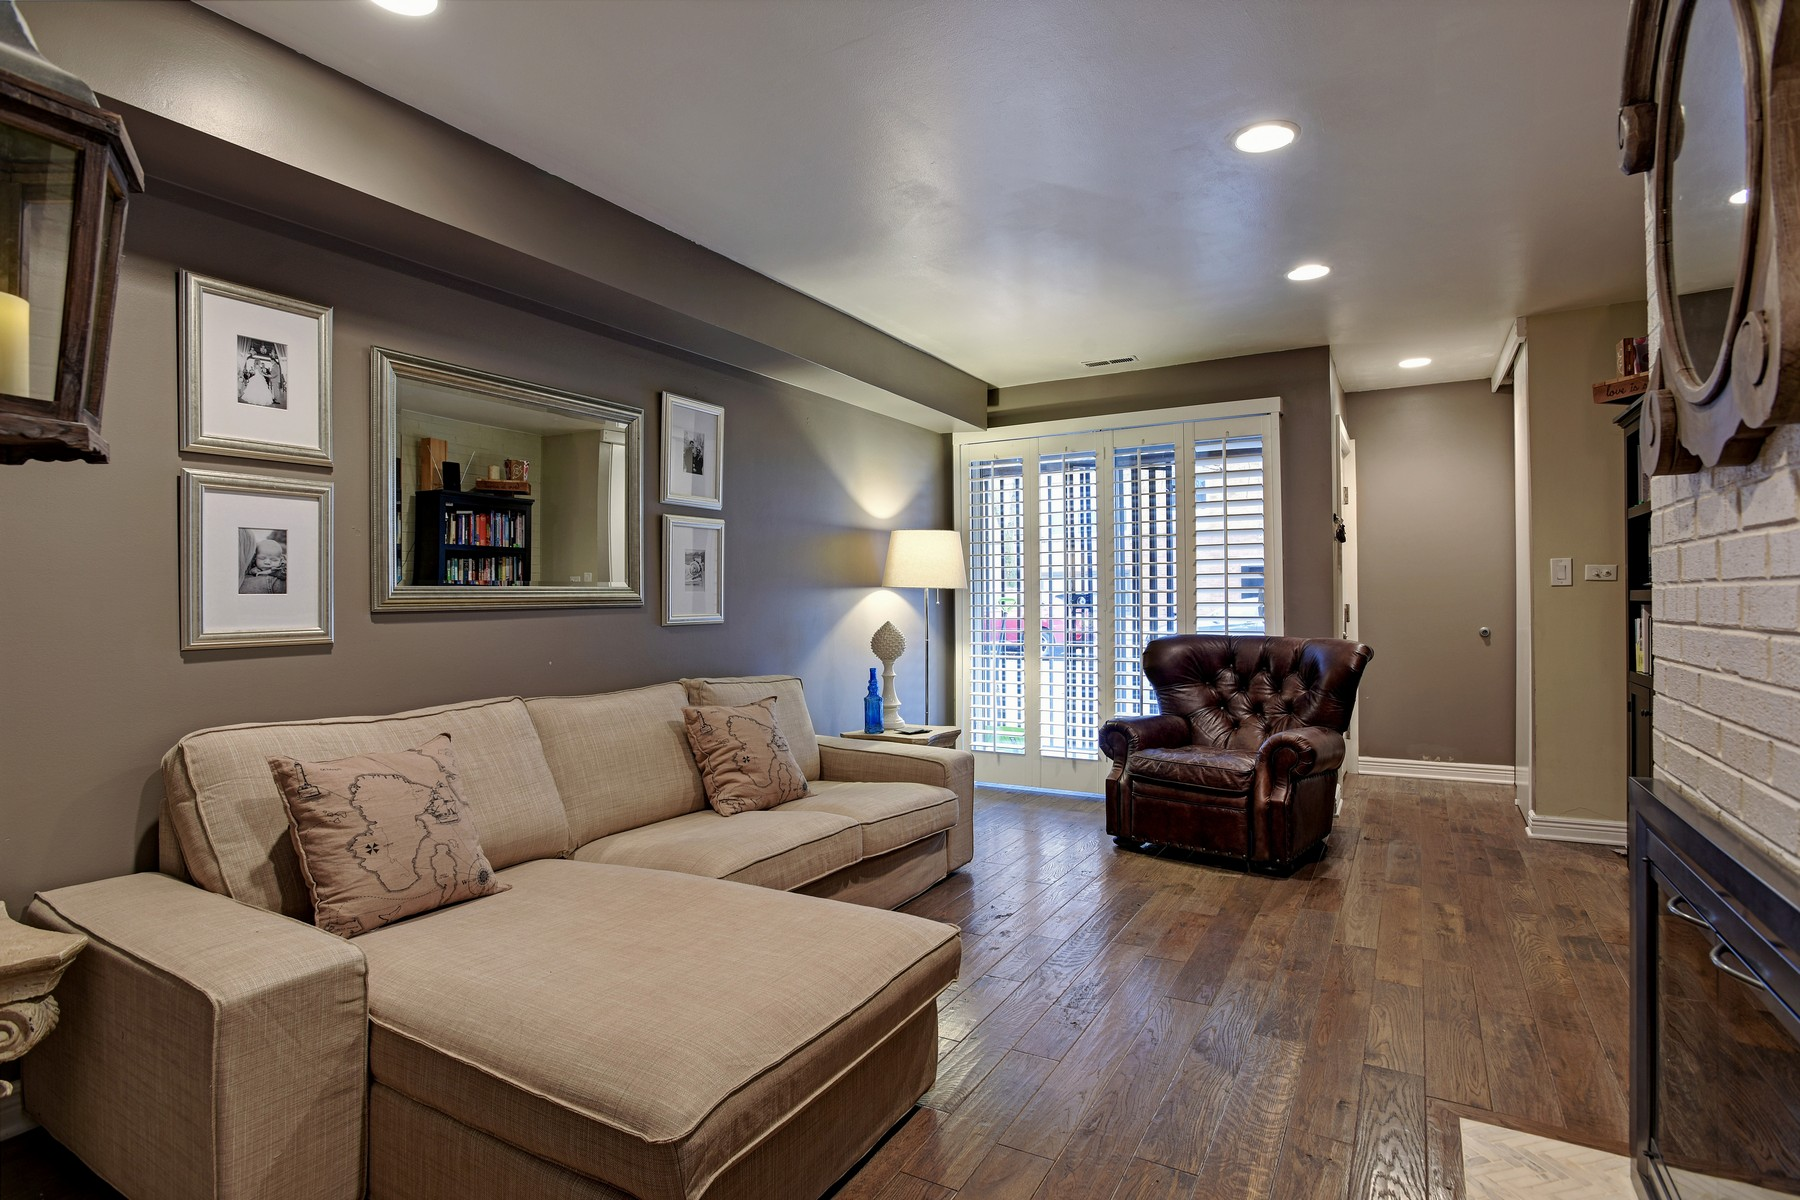 联栋屋 为 销售 在 Lincoln Park Townhouse 538 W Eugenie Street Lincoln Park, 芝加哥, 伊利诺斯州 60614 美国